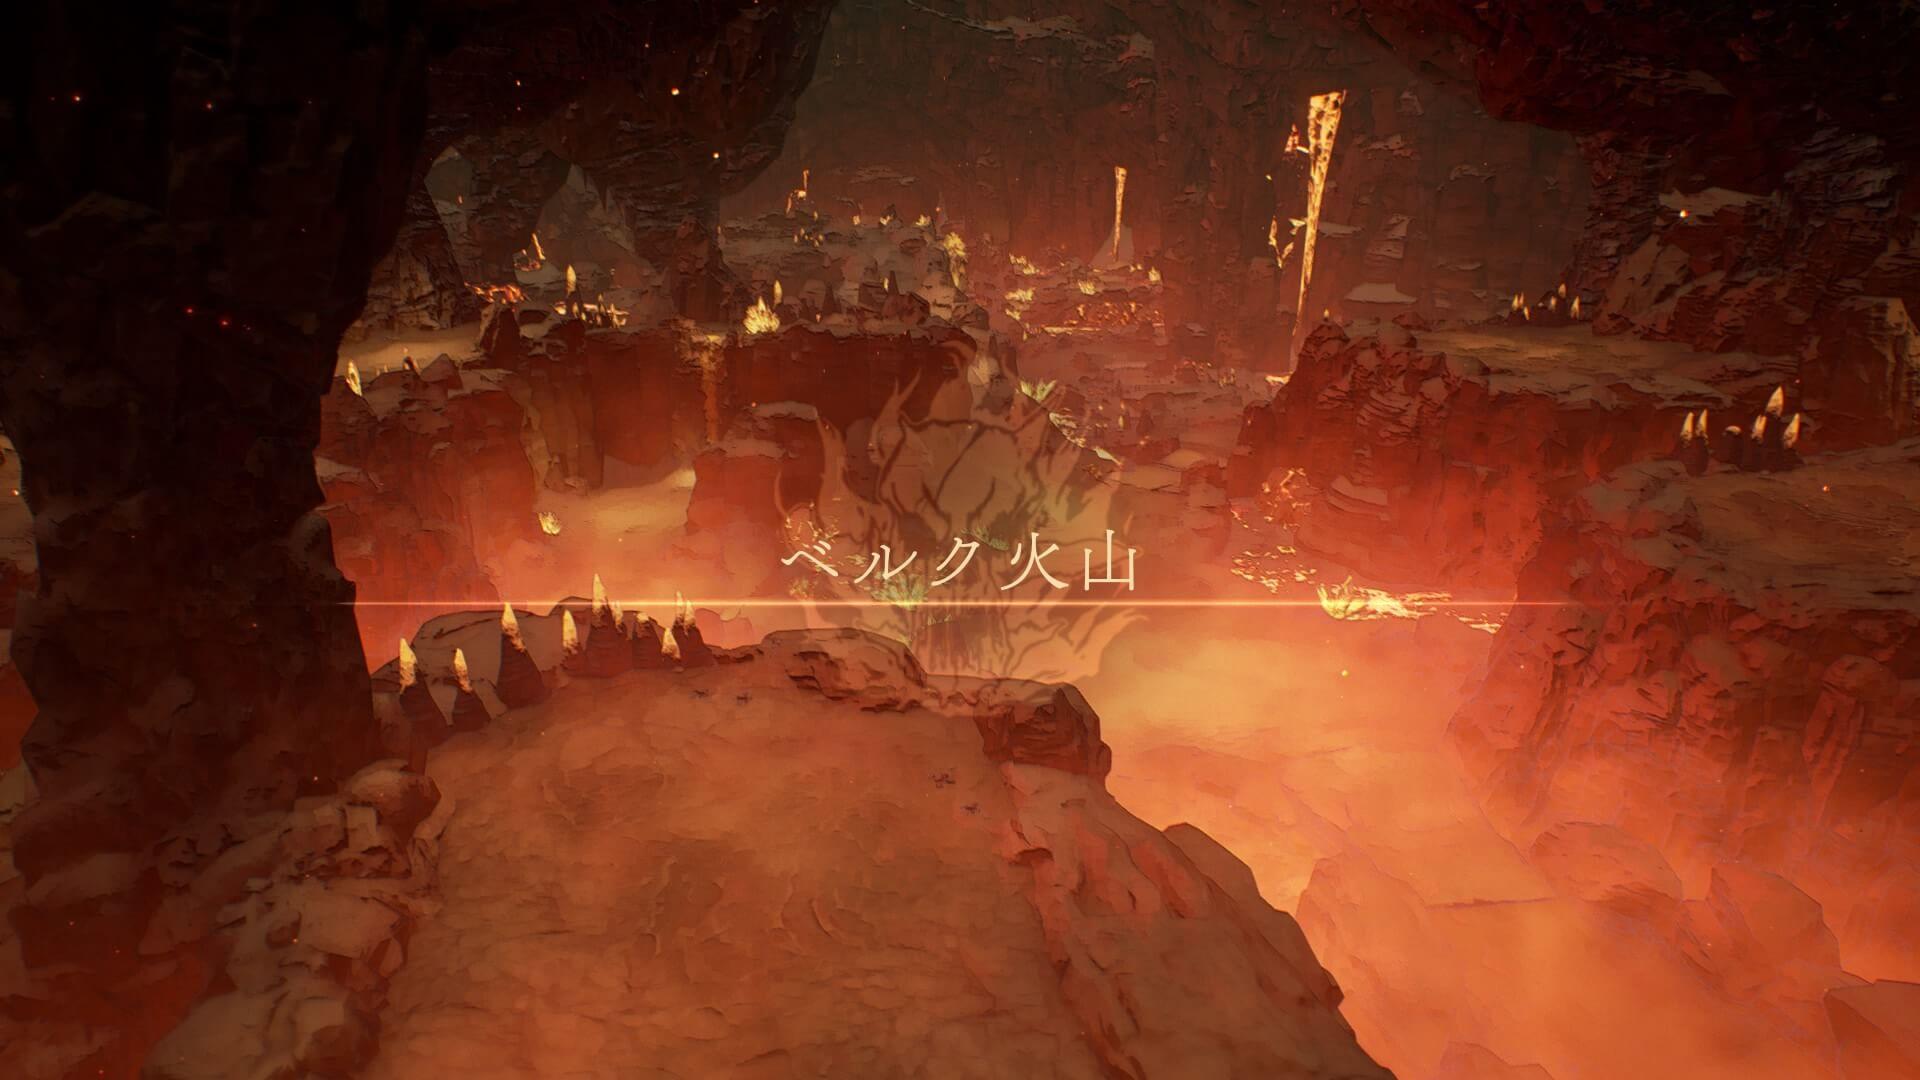 マップと宝箱の場所一覧『ベルク火山』